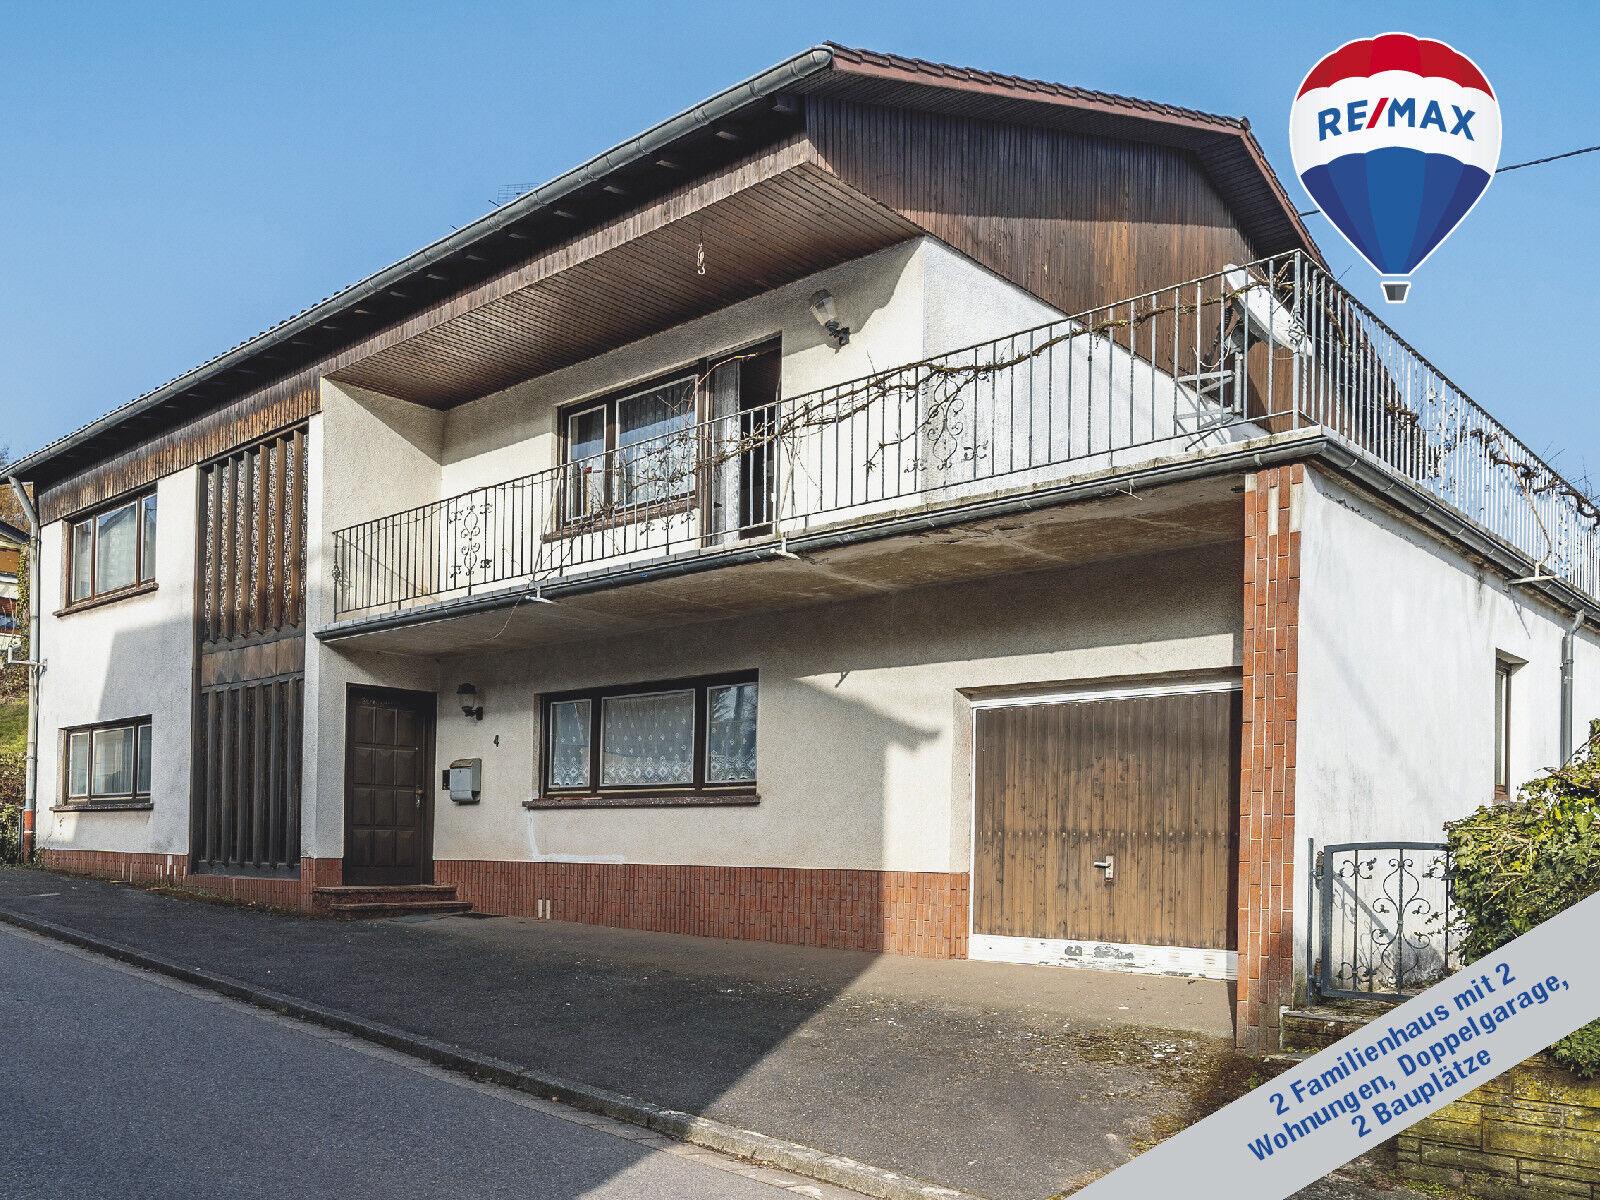 ZweifamilienhausLebachAschbach